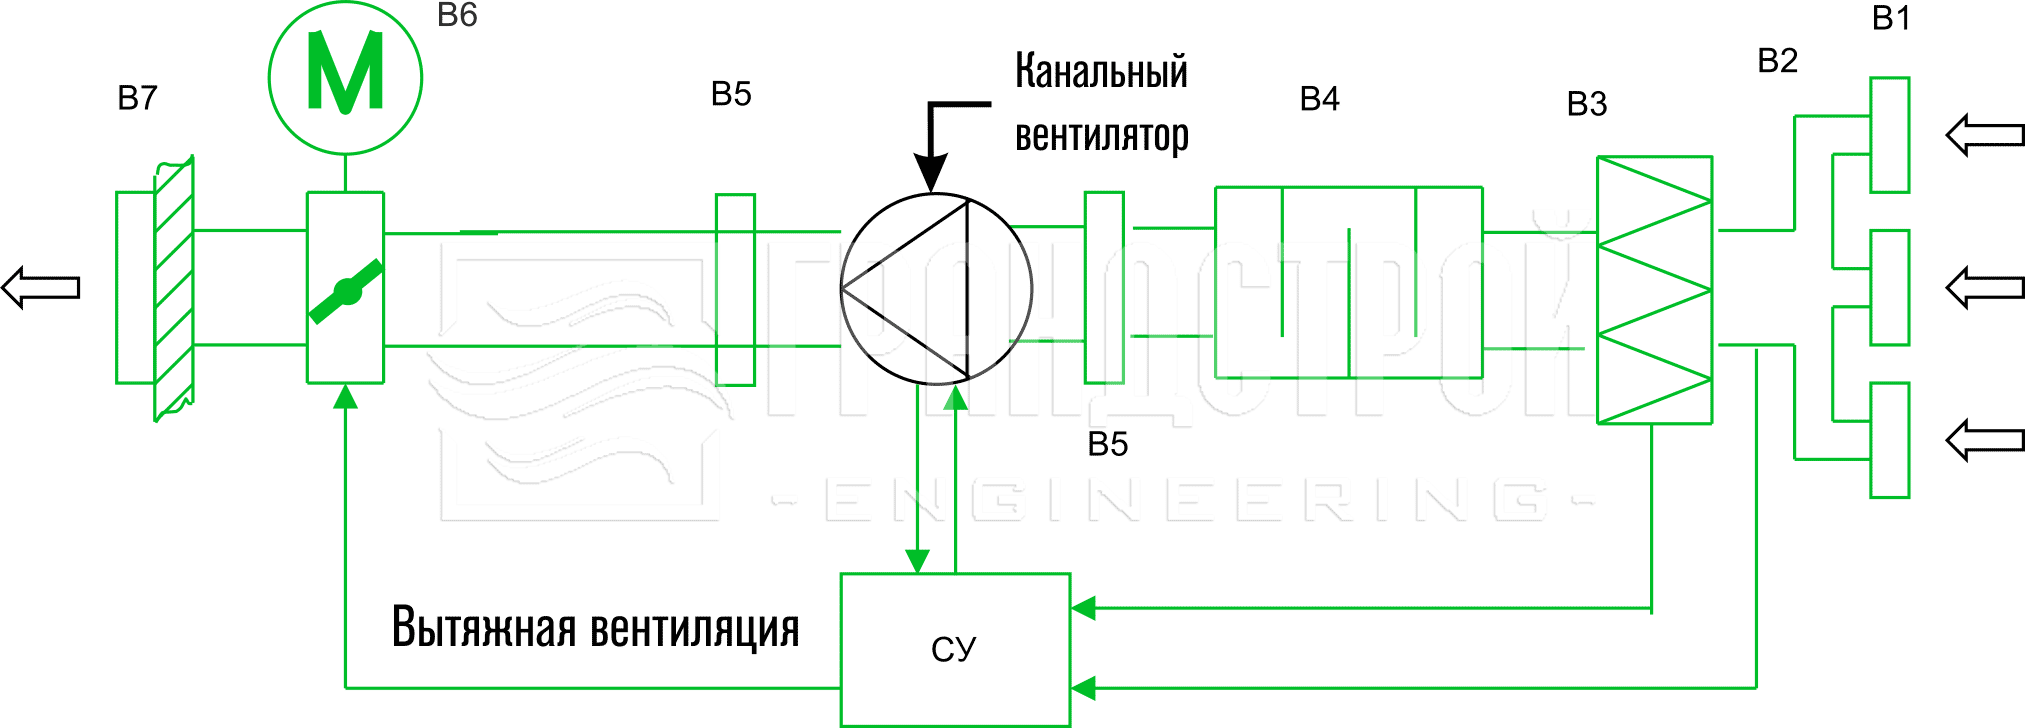 Рекомендуемая схема и состав вытяжной вентиляции